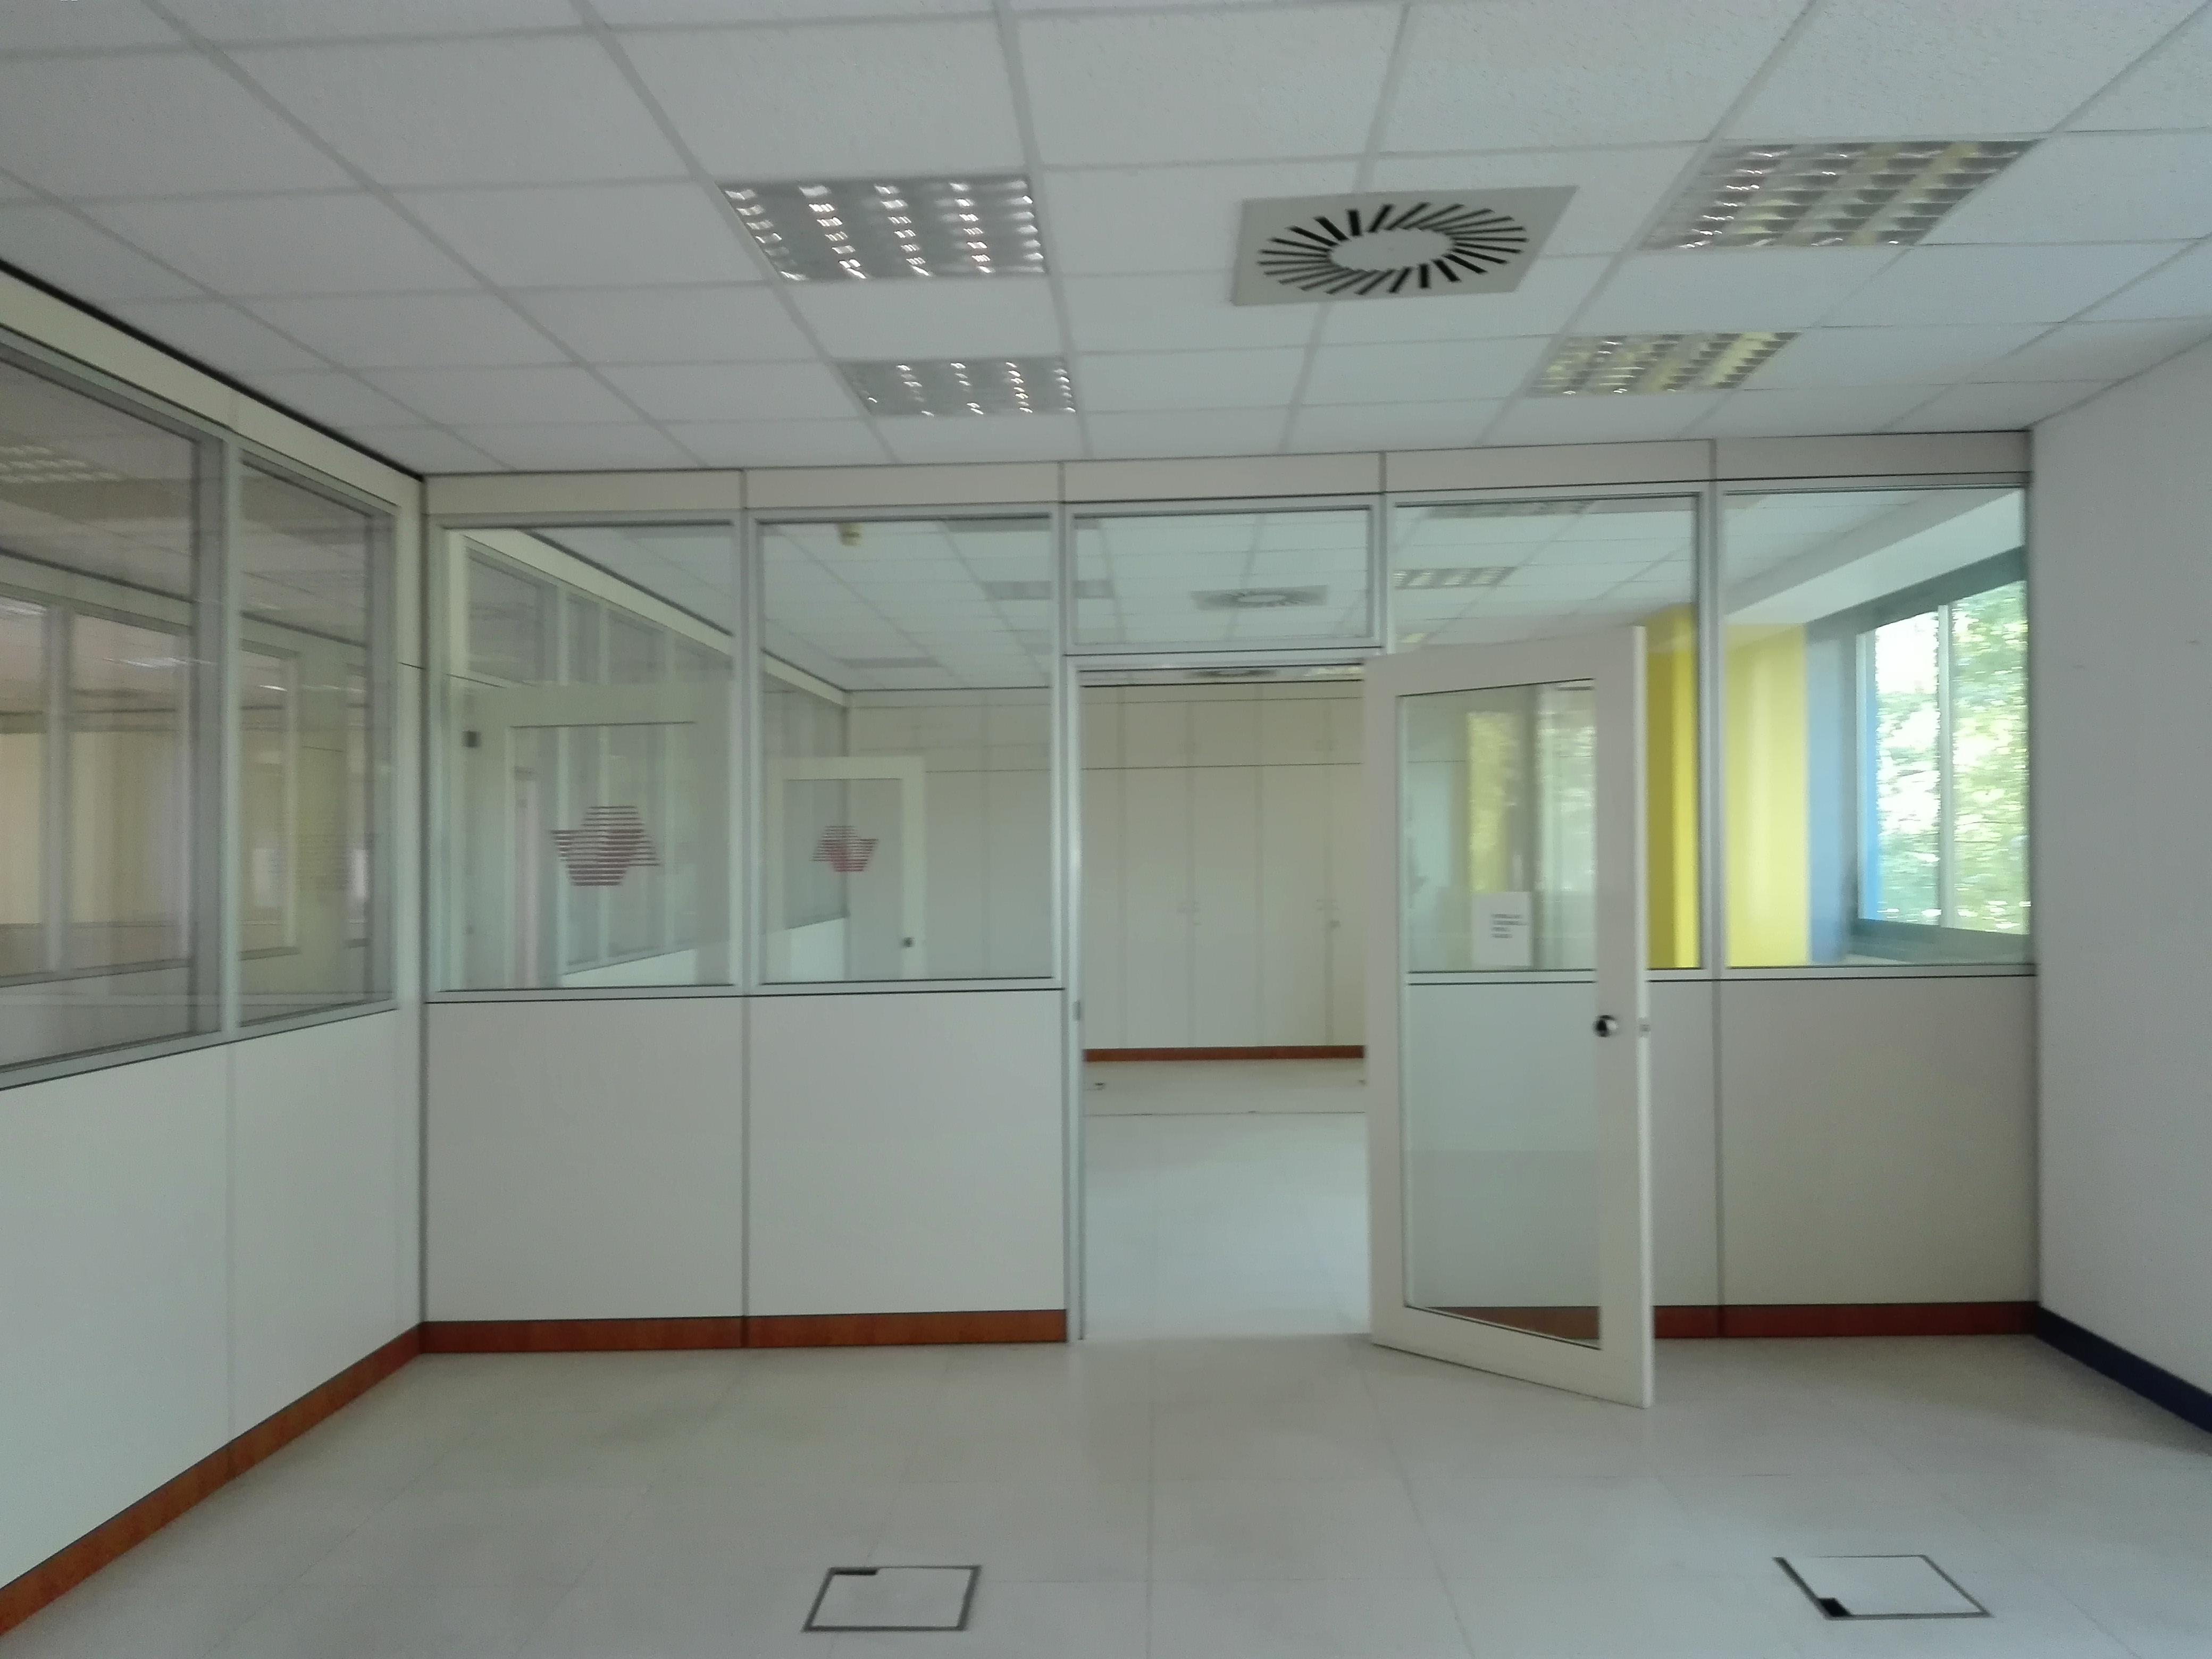 Uffici in cusano milanino mi affitto magazzini for Affitto uffici zona eur